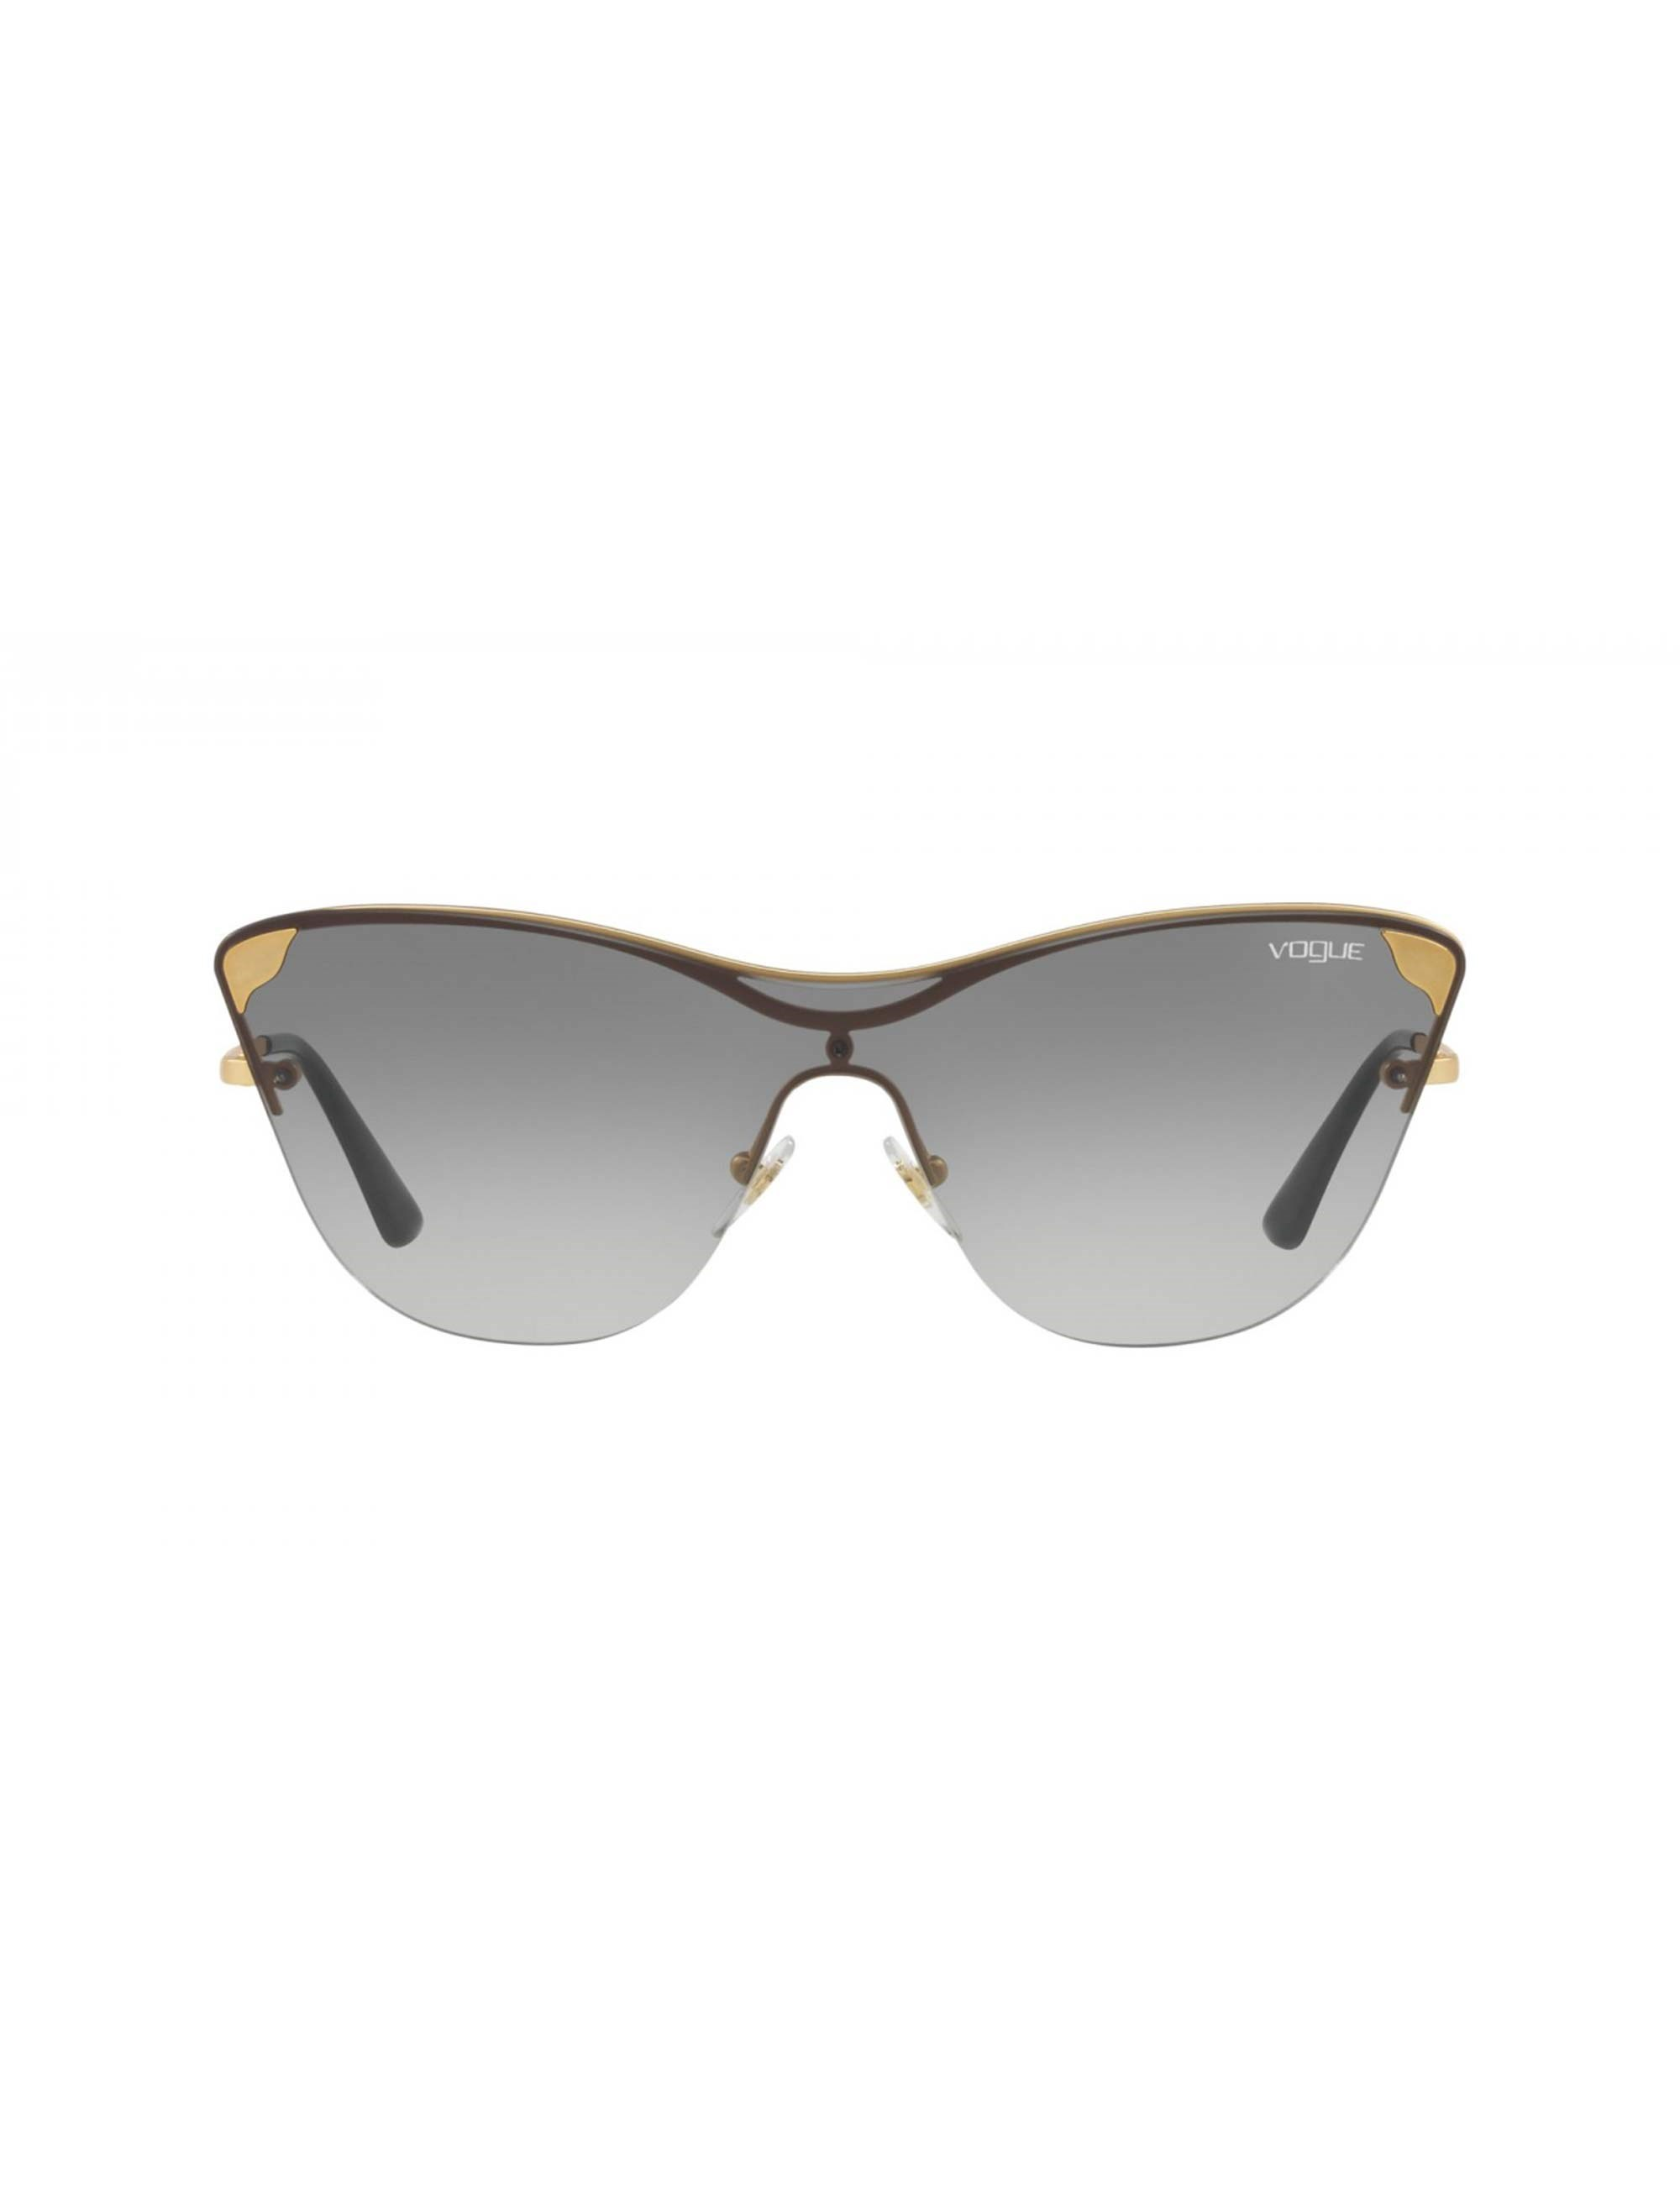 عینک آفتابی گربه ای زنانه - ووگ